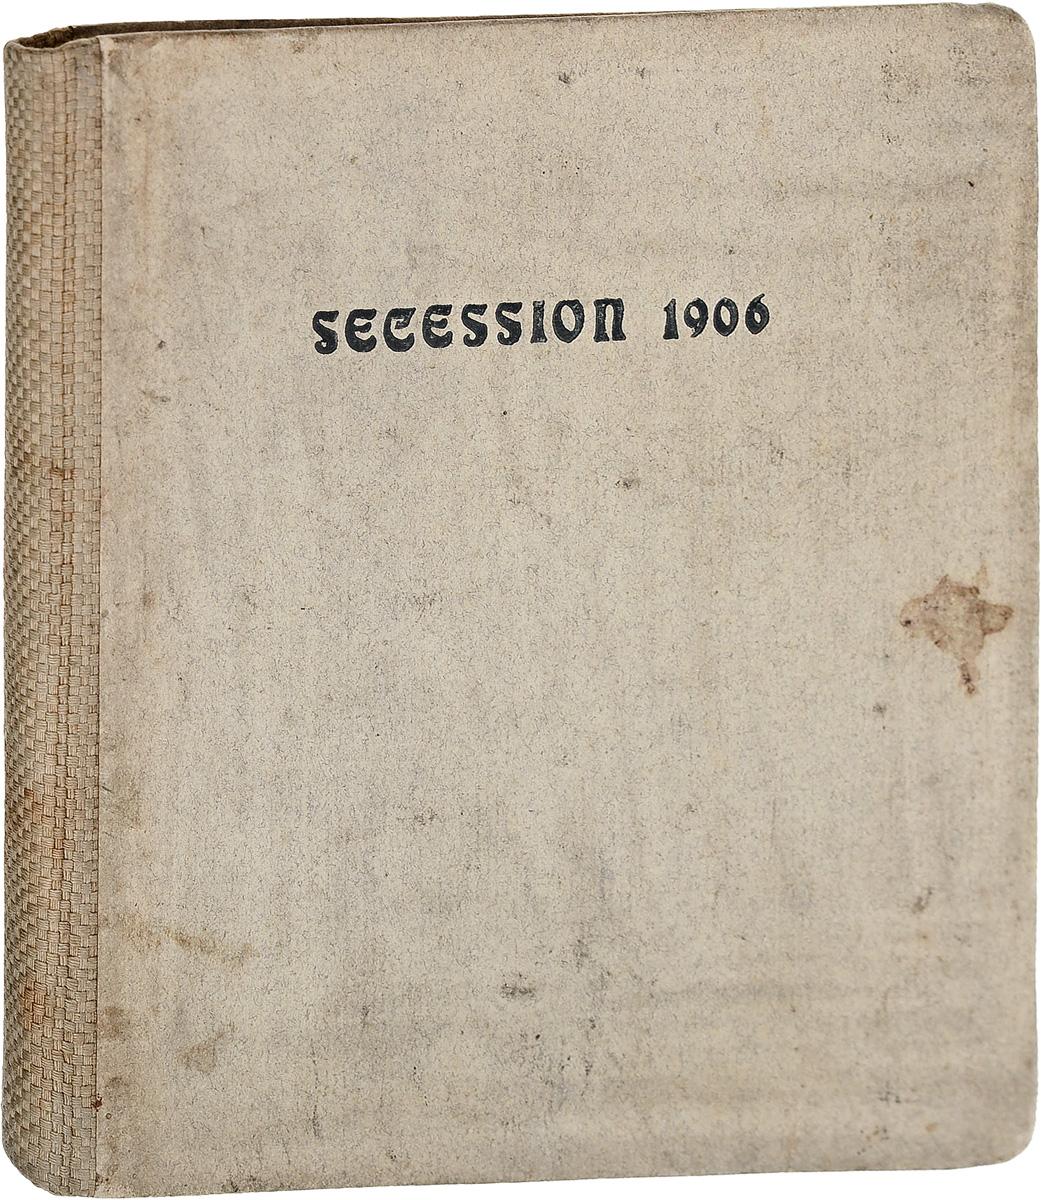 Katalog der Elften Ausstellung der Berliner Secession katalog starkl 2015